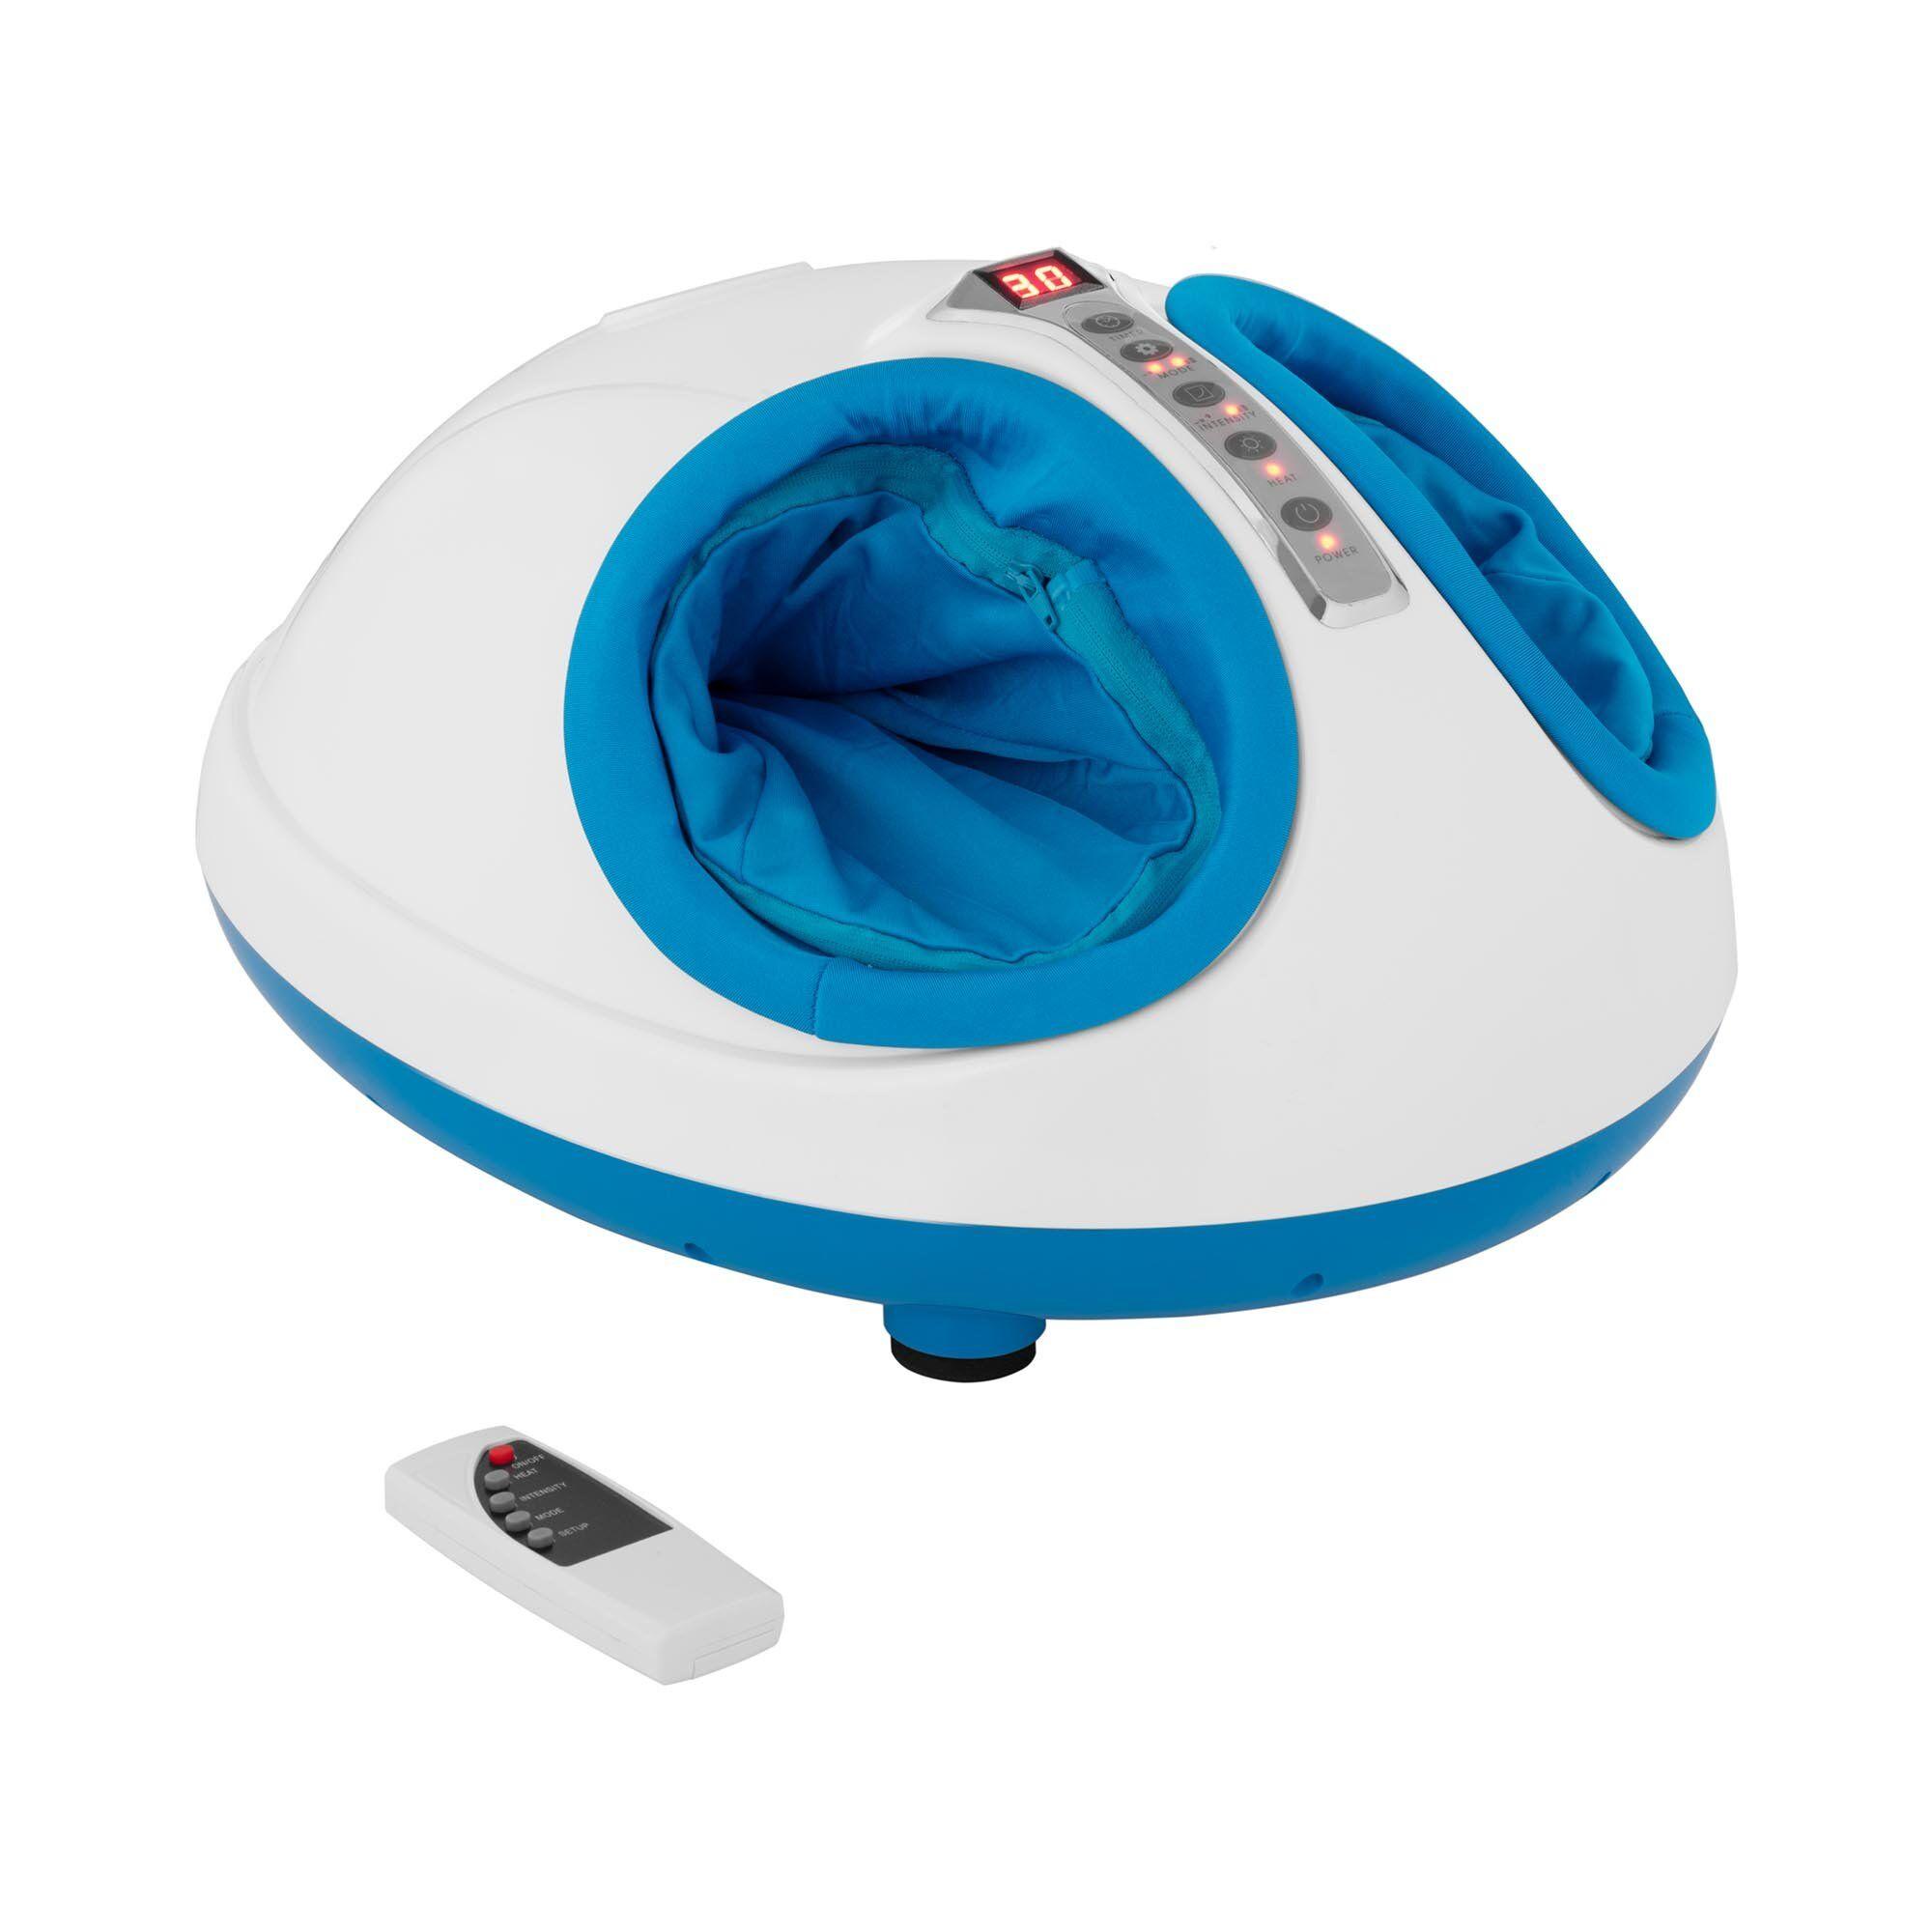 physa Appareil de massage des pieds - 3 programmes - Fonction chauffante PHY-50SM-1